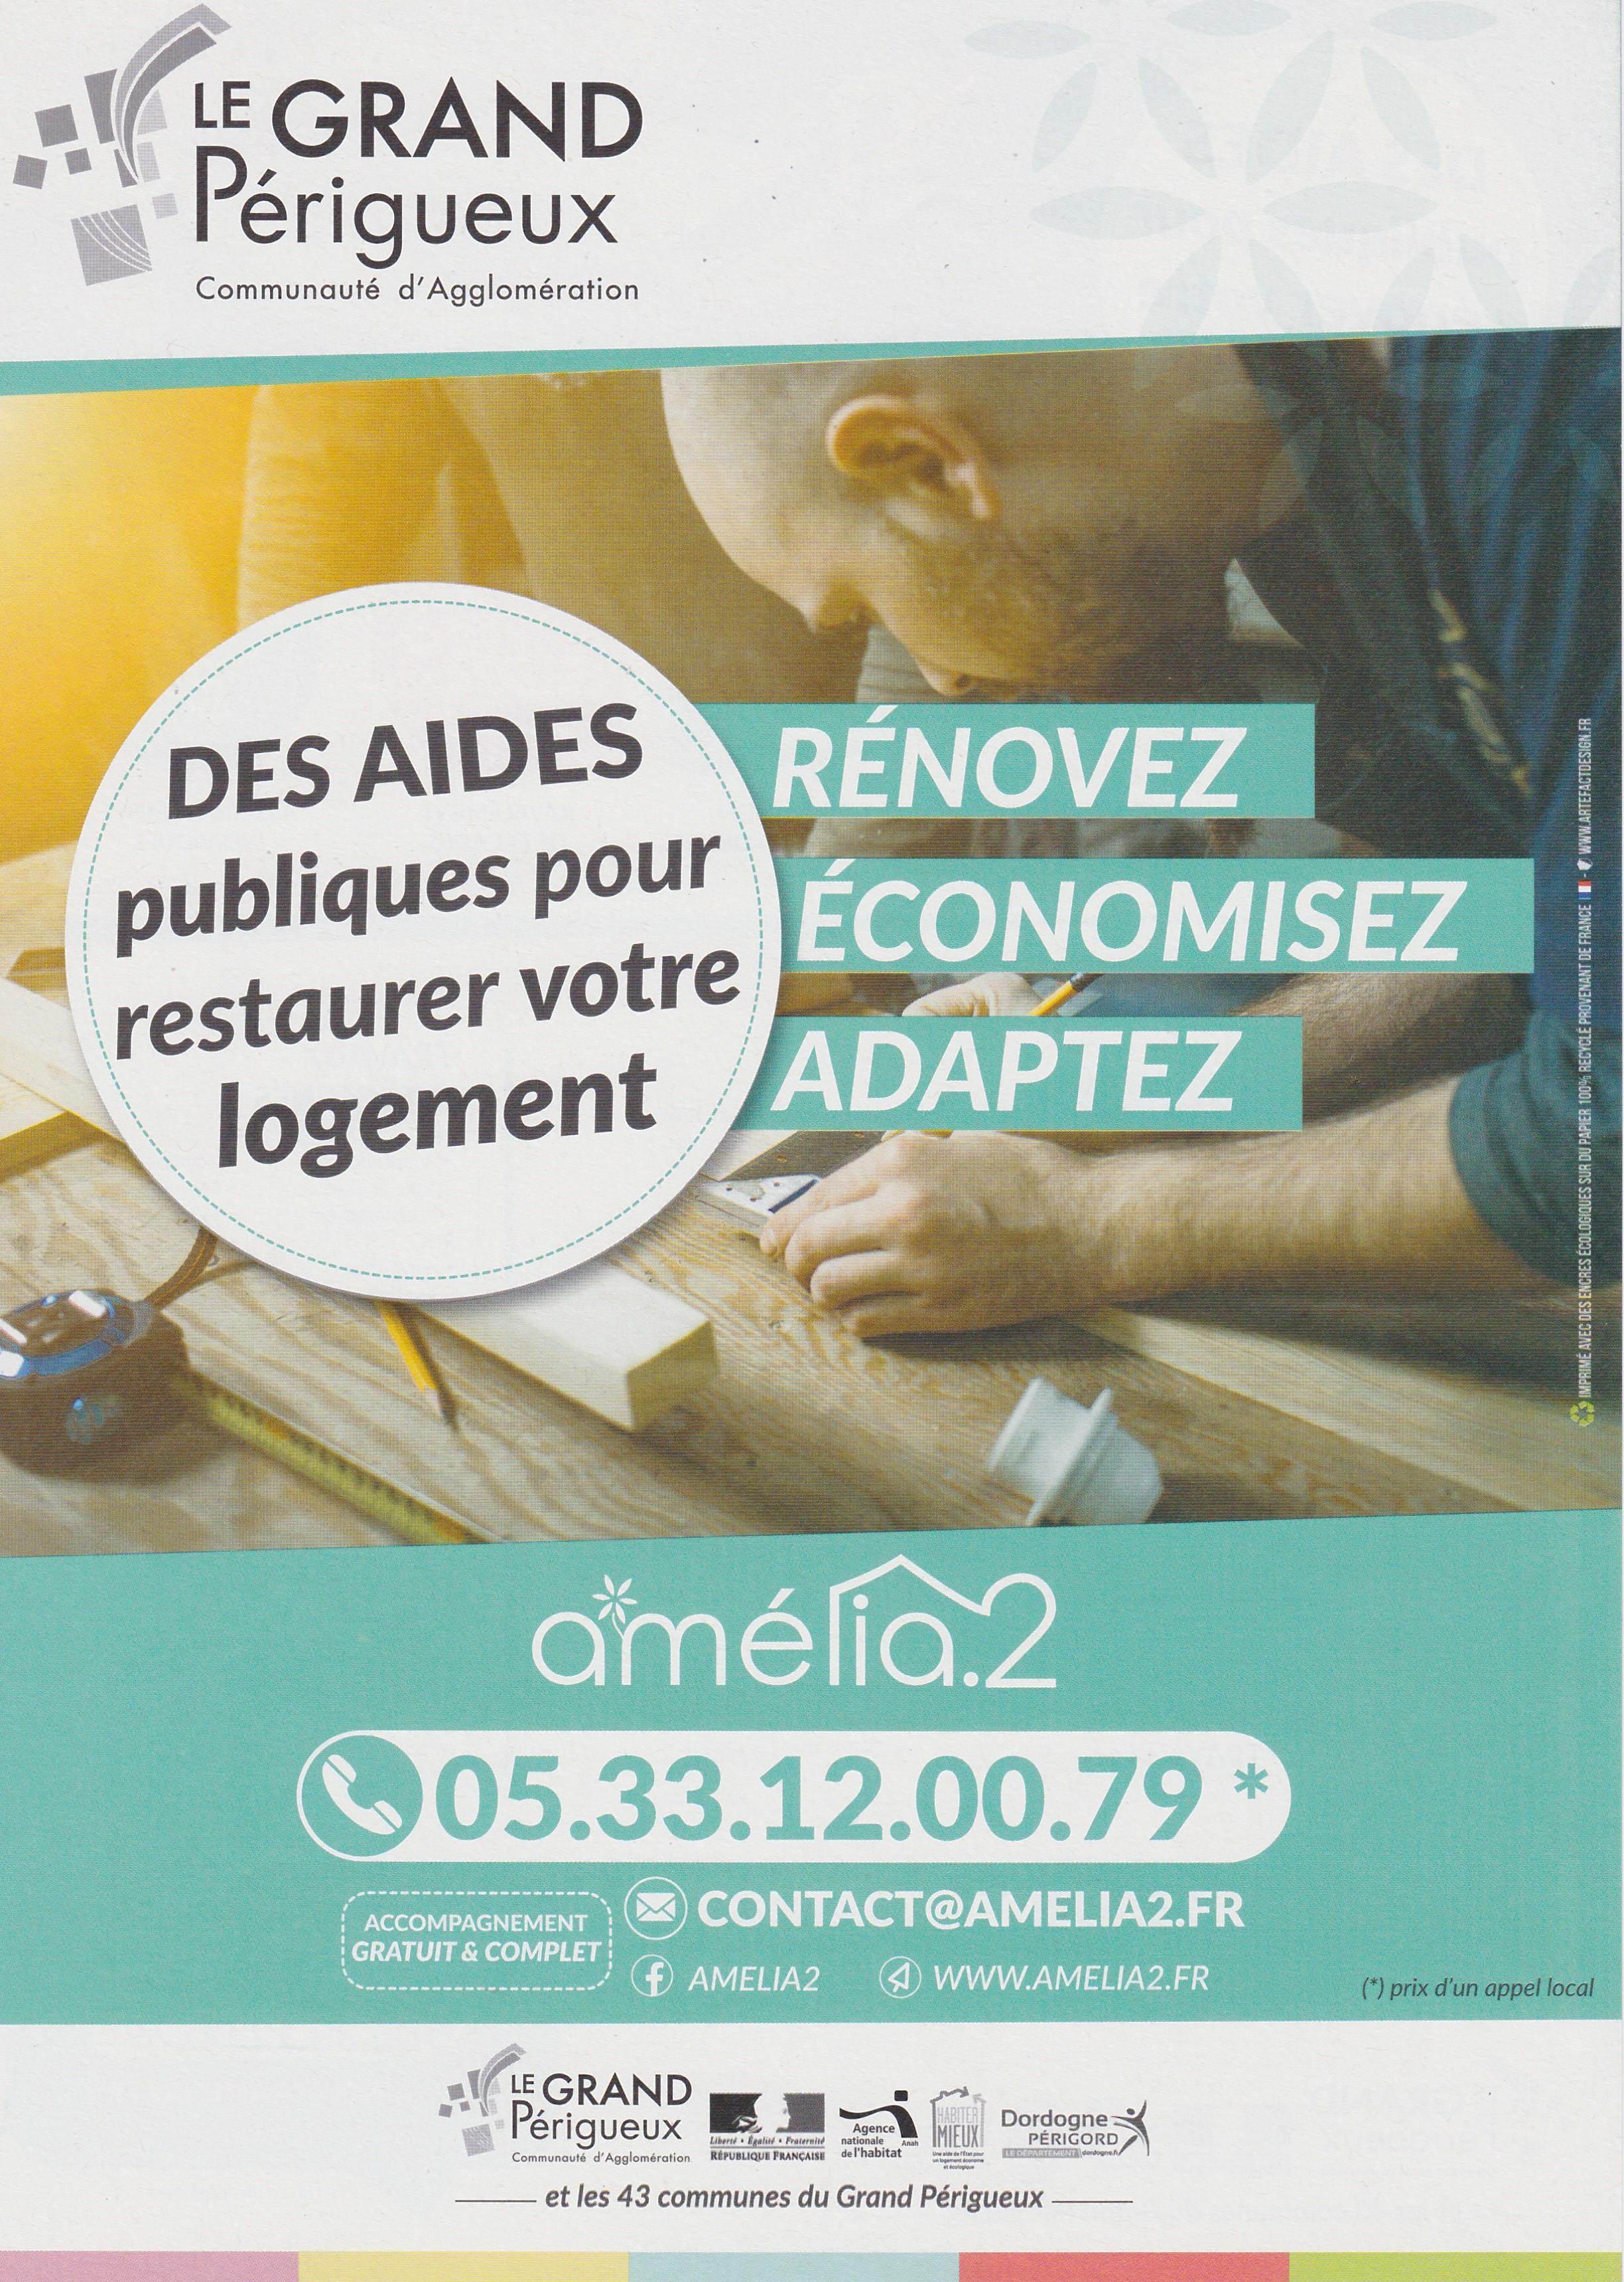 Amélia recto affiche